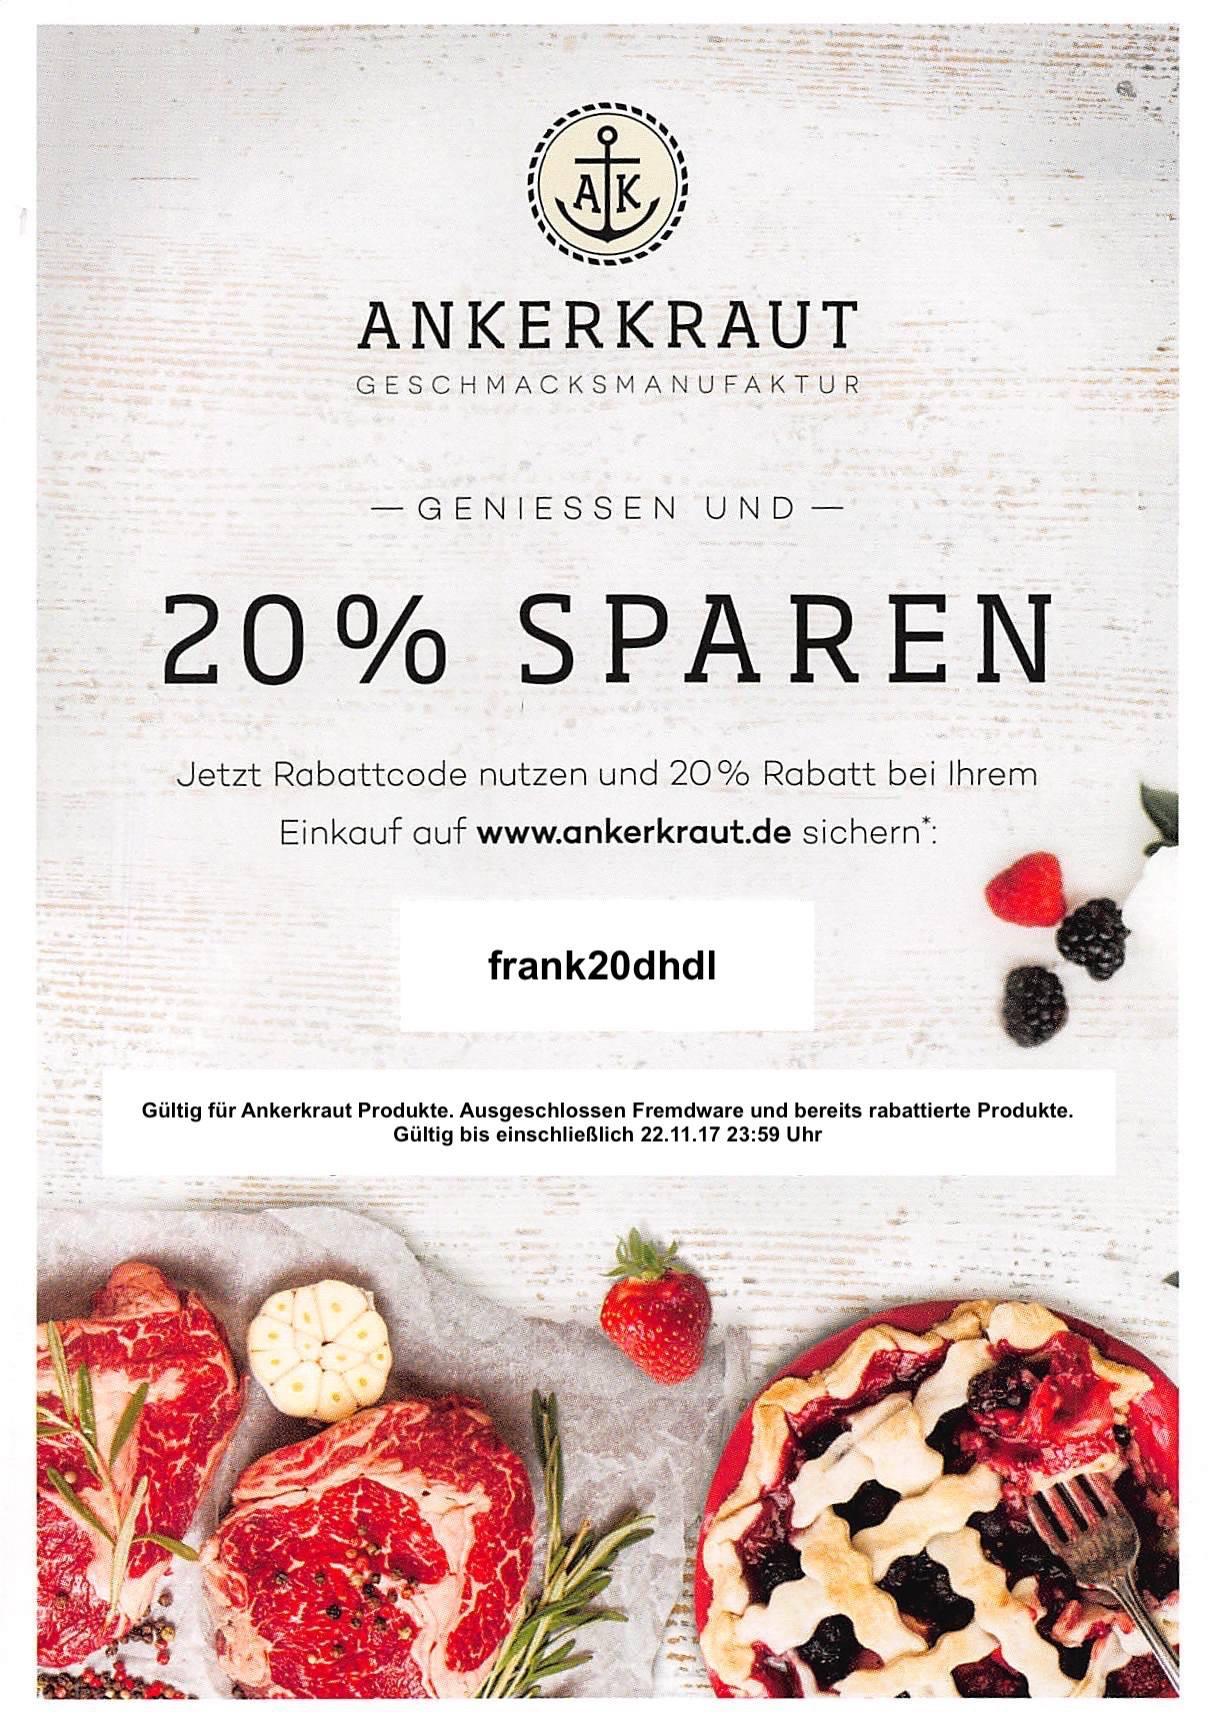 20% Rabatt auf alle Ankerkraut-Gewürze